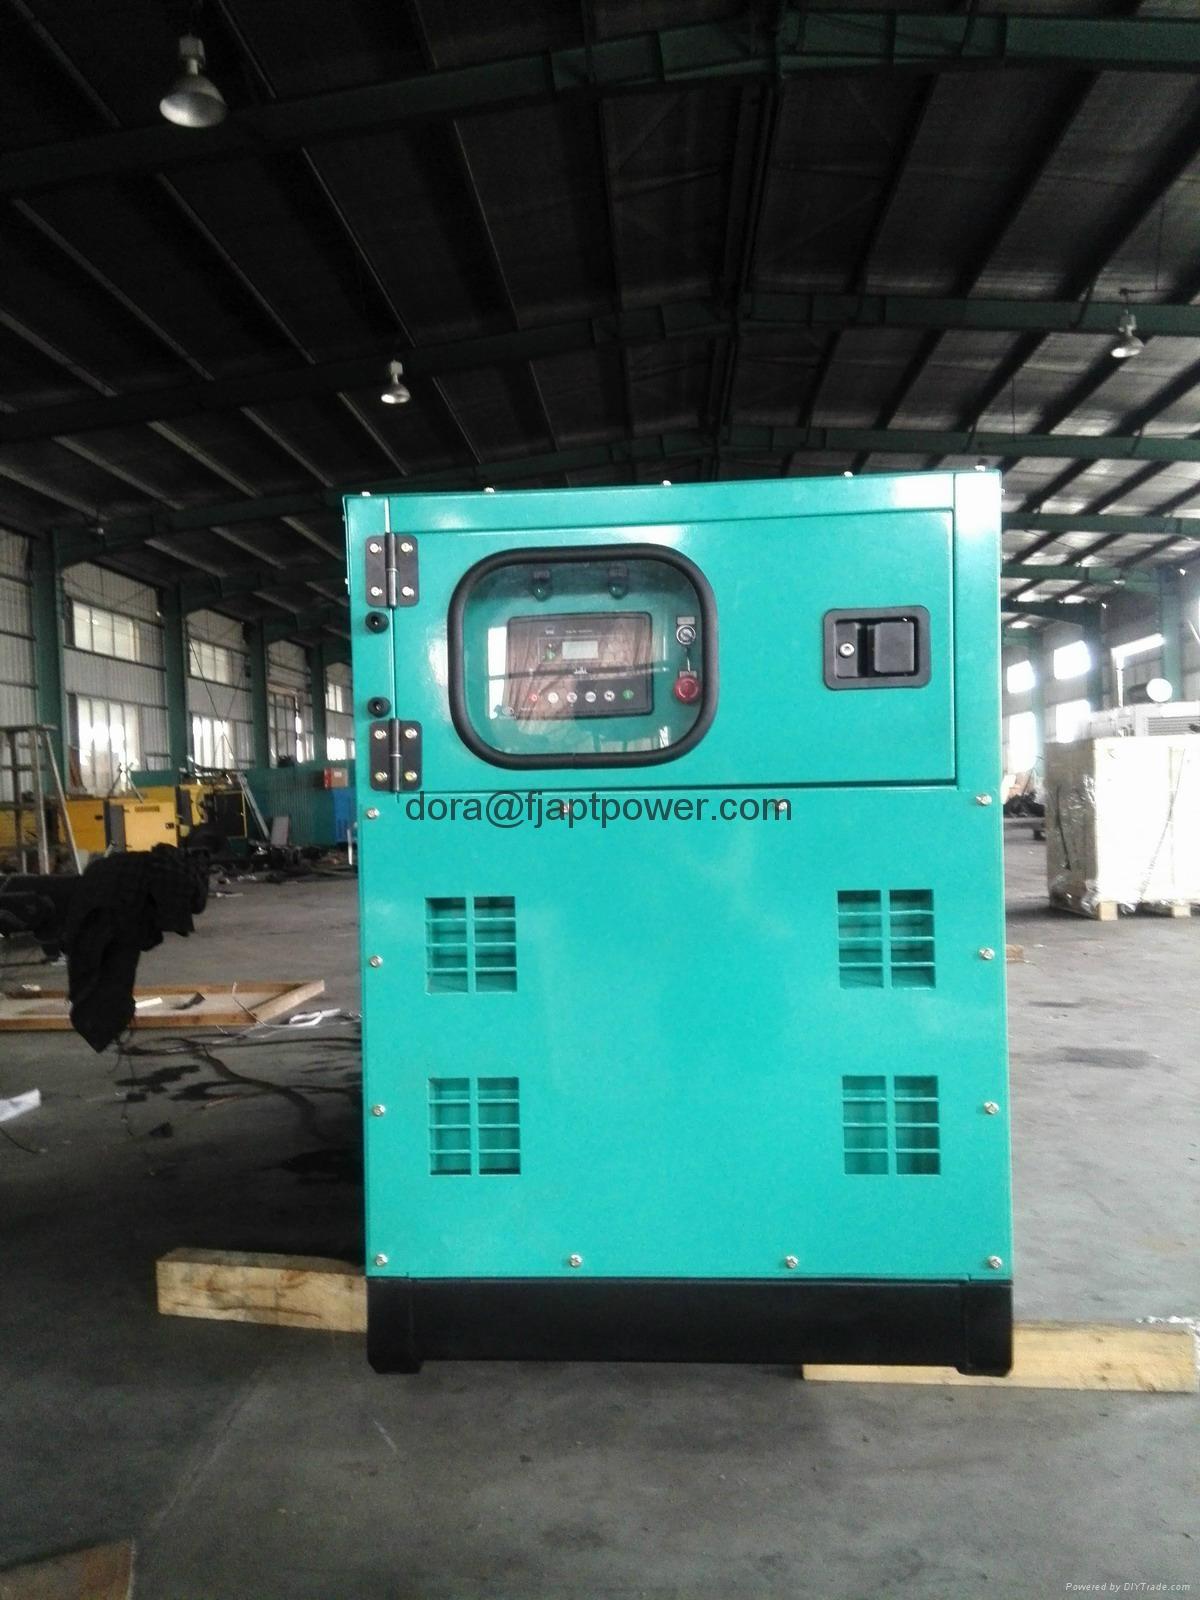 ISUZU 4JB1TA Power Diesel Generator with Engine and Marathon